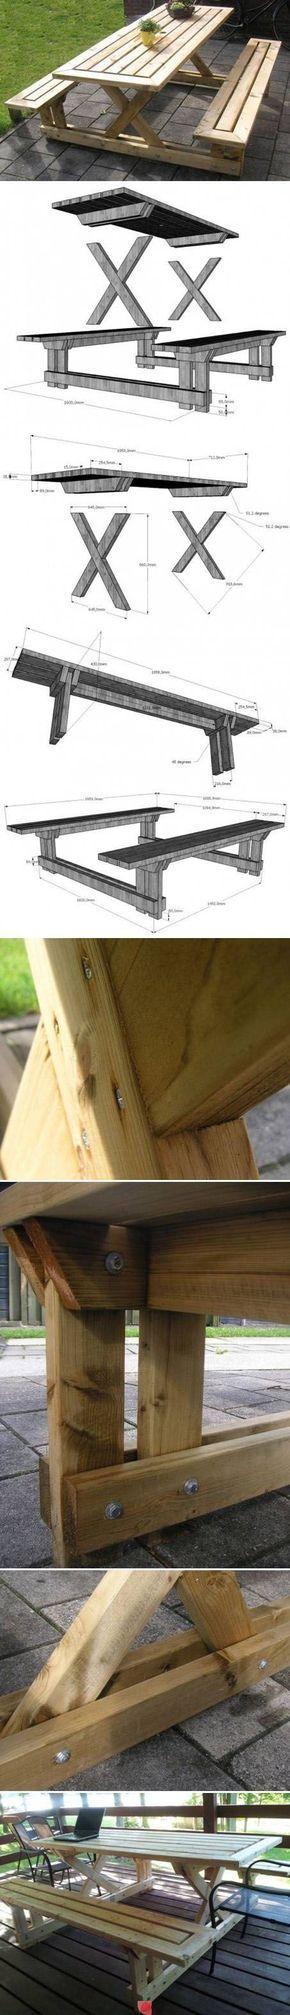 2470 best Table de jardin images on Pinterest Garden table - plan pour fabriquer un banc de jardin